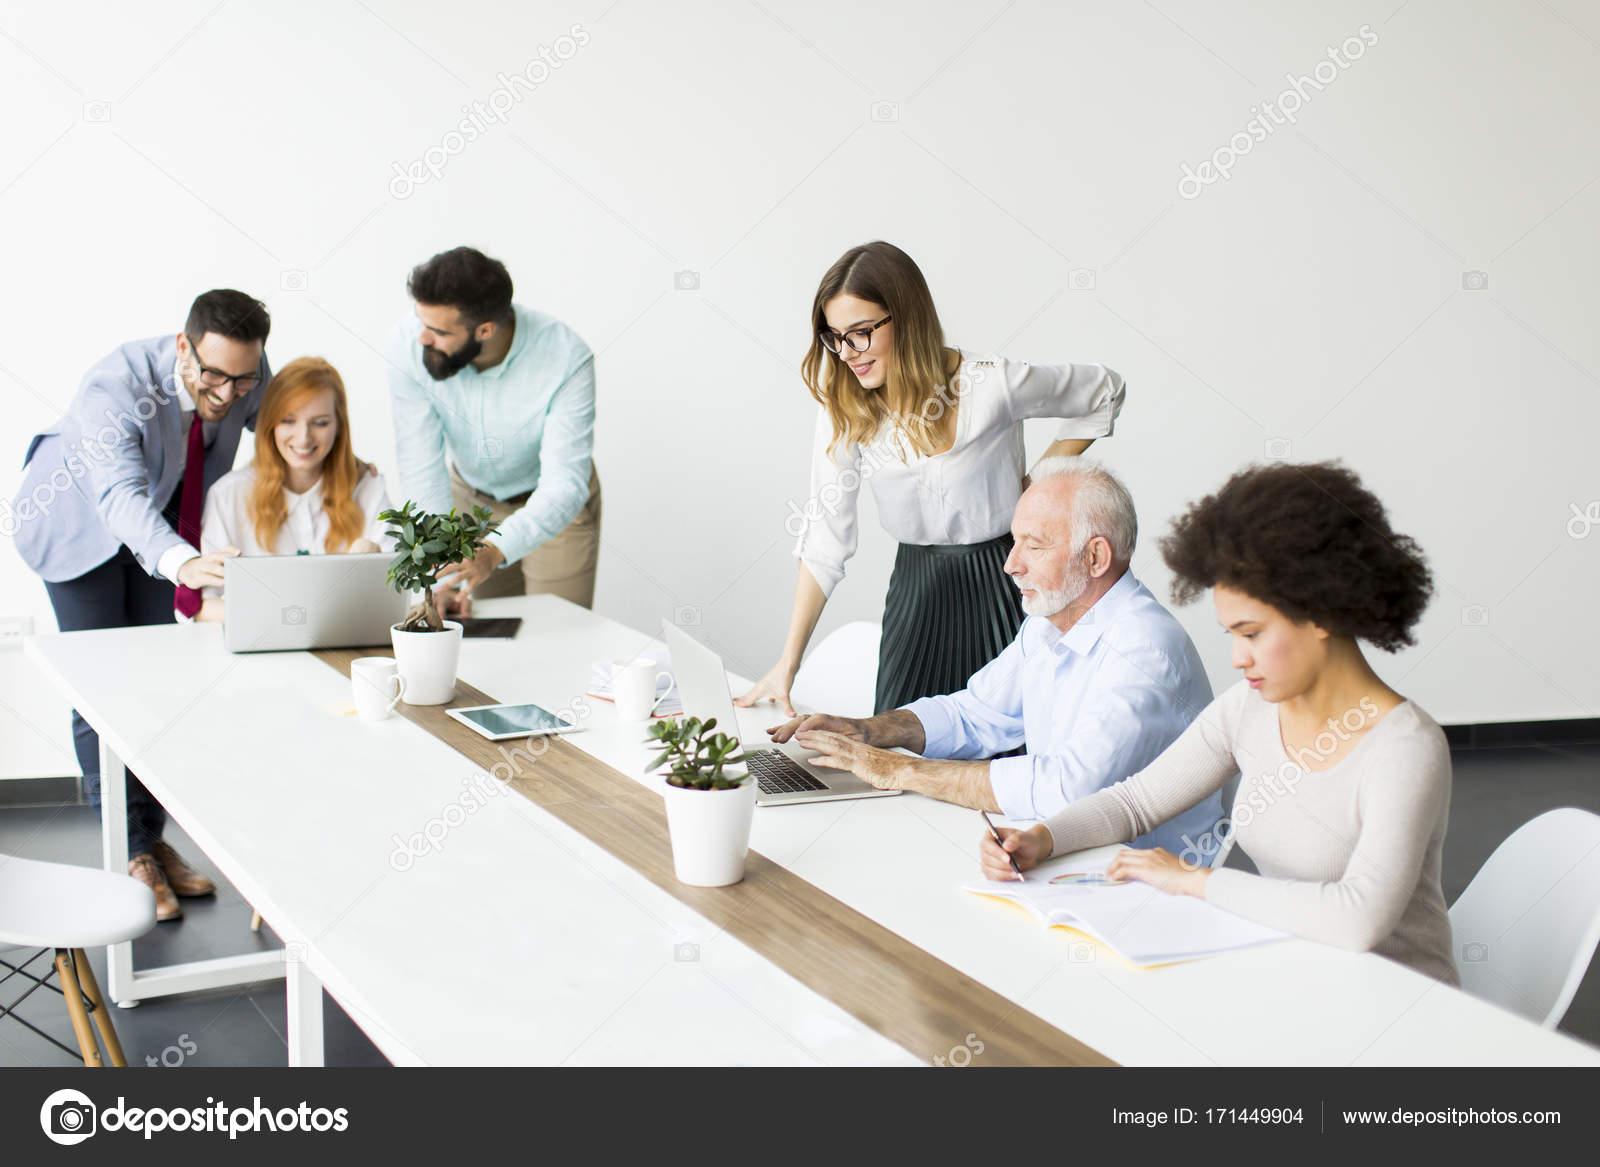 Ufficio Moderno Gioiosa : Squadra di affari multirazziale gioiosa al lavoro in ufficio